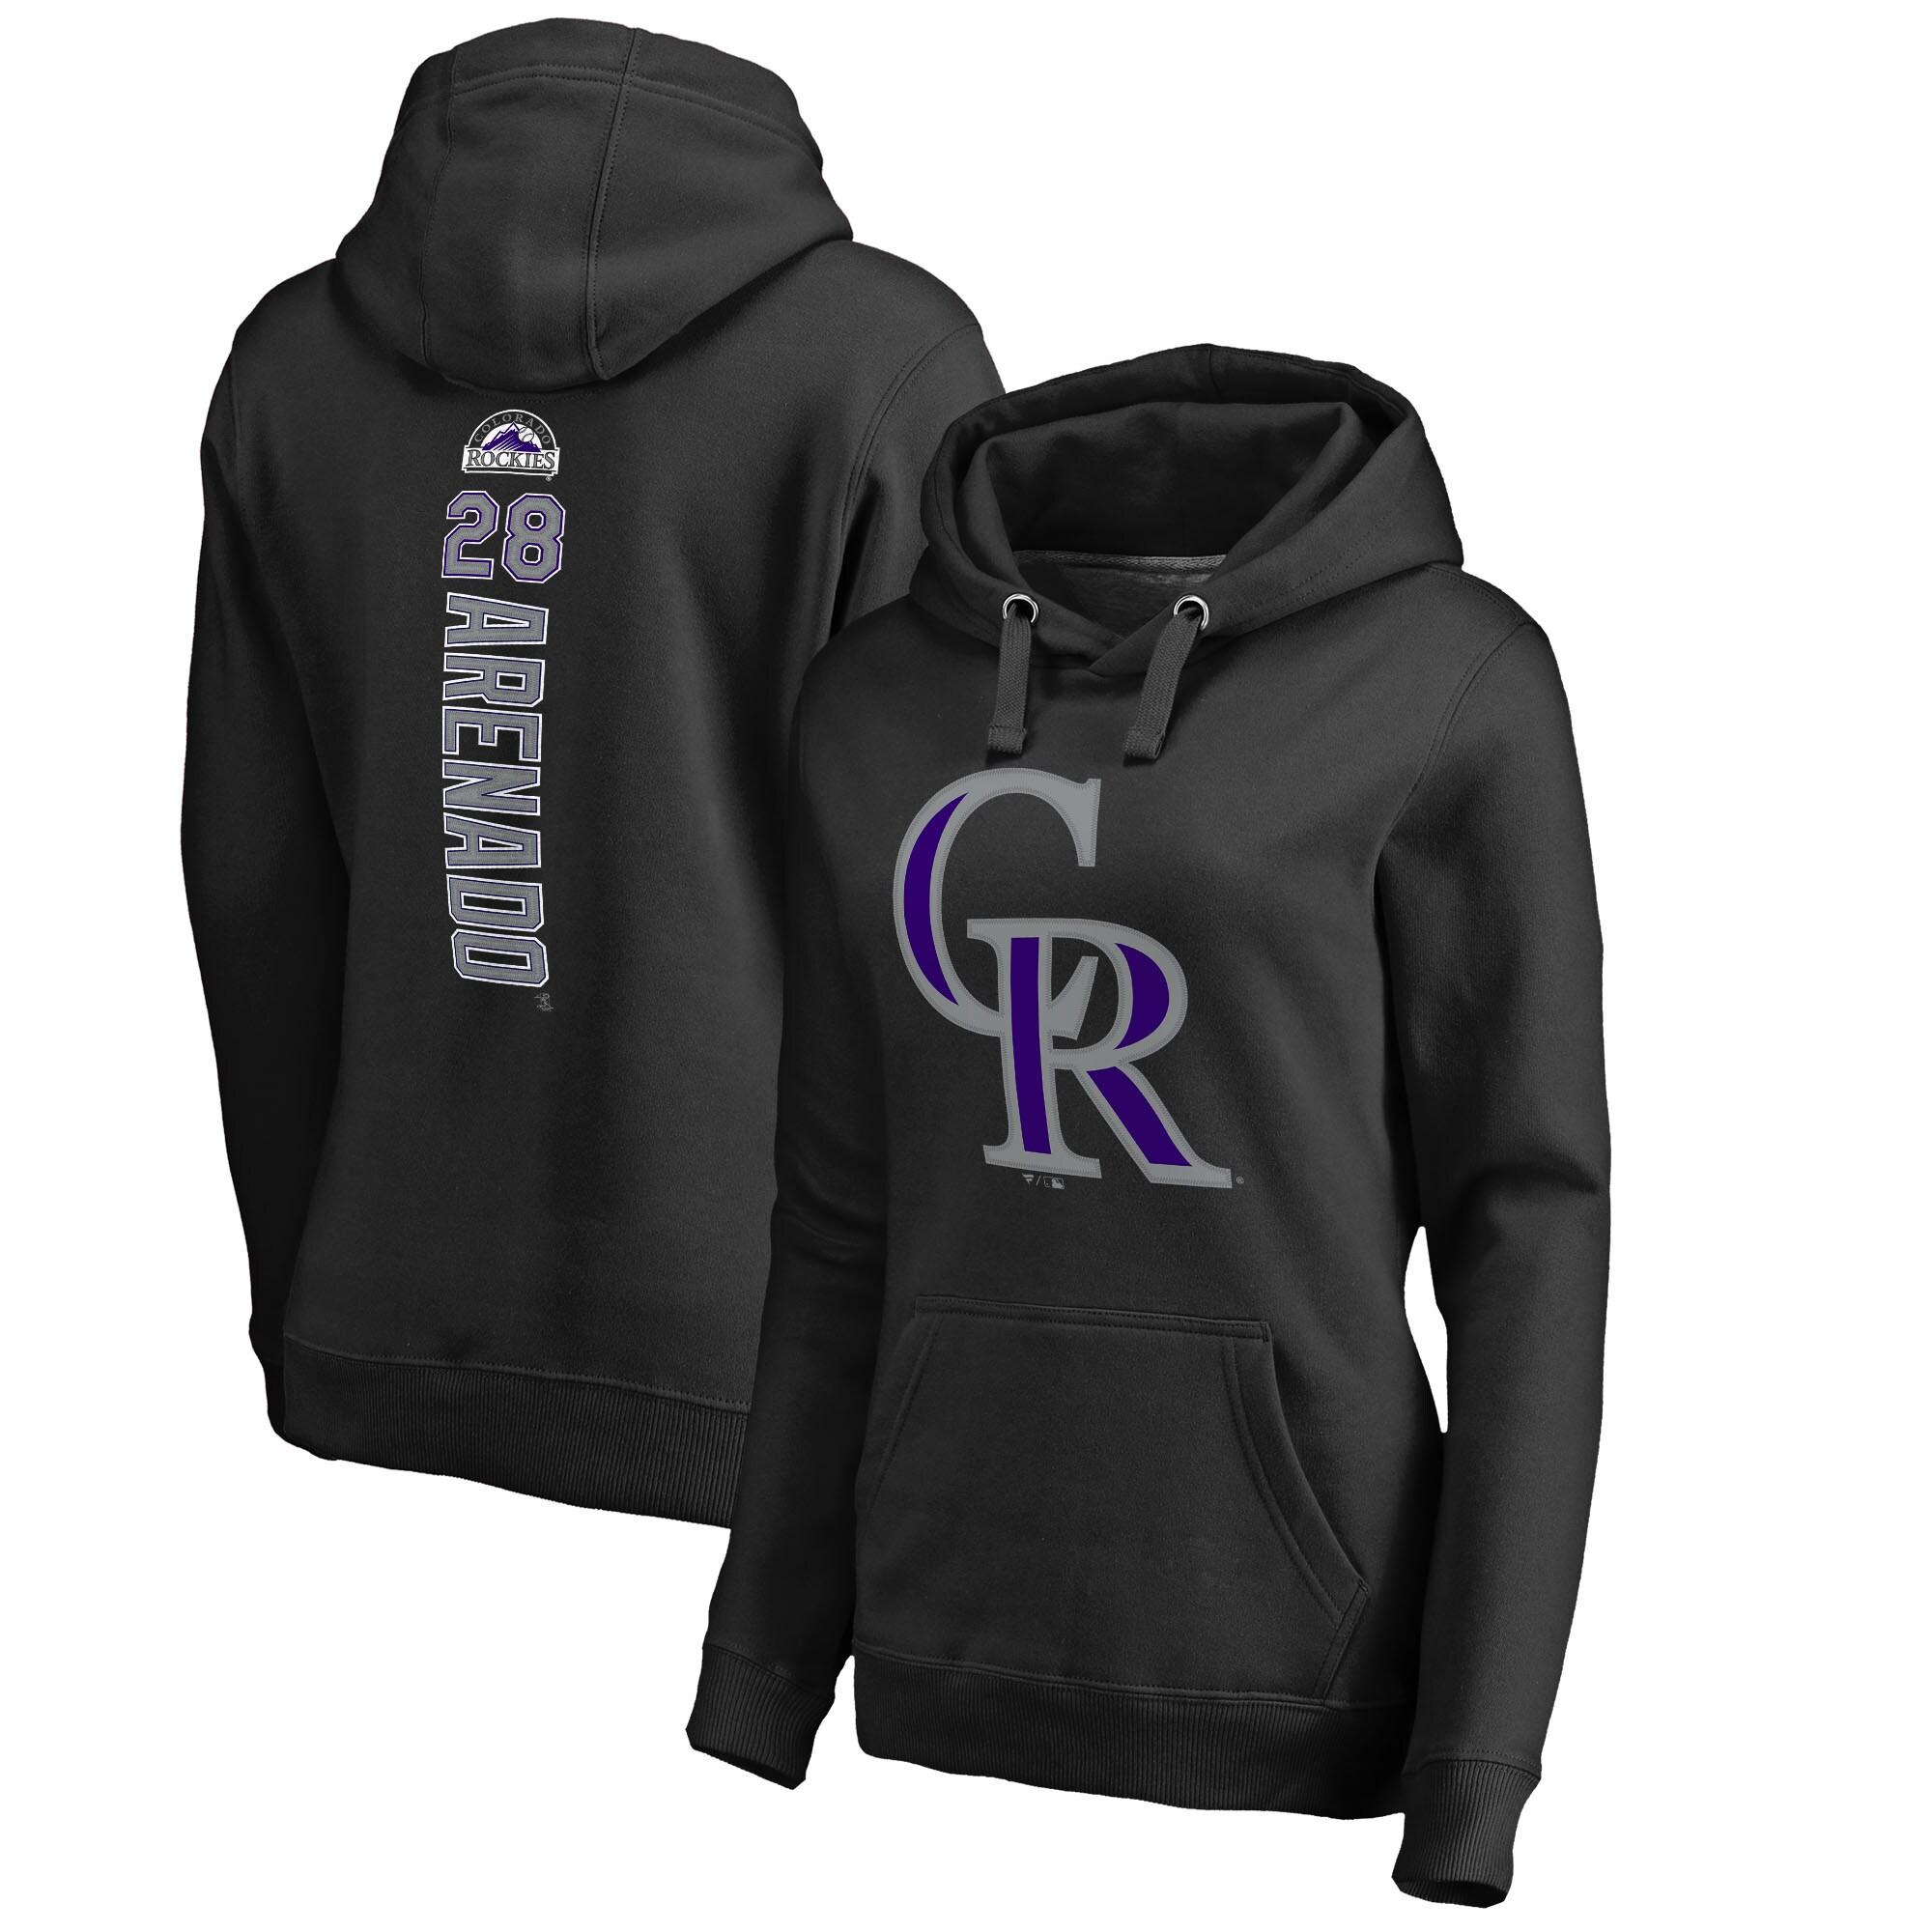 Nolan Arenado Colorado Rockies Fanatics Branded Women's Backer Pullover Hoodie - Black